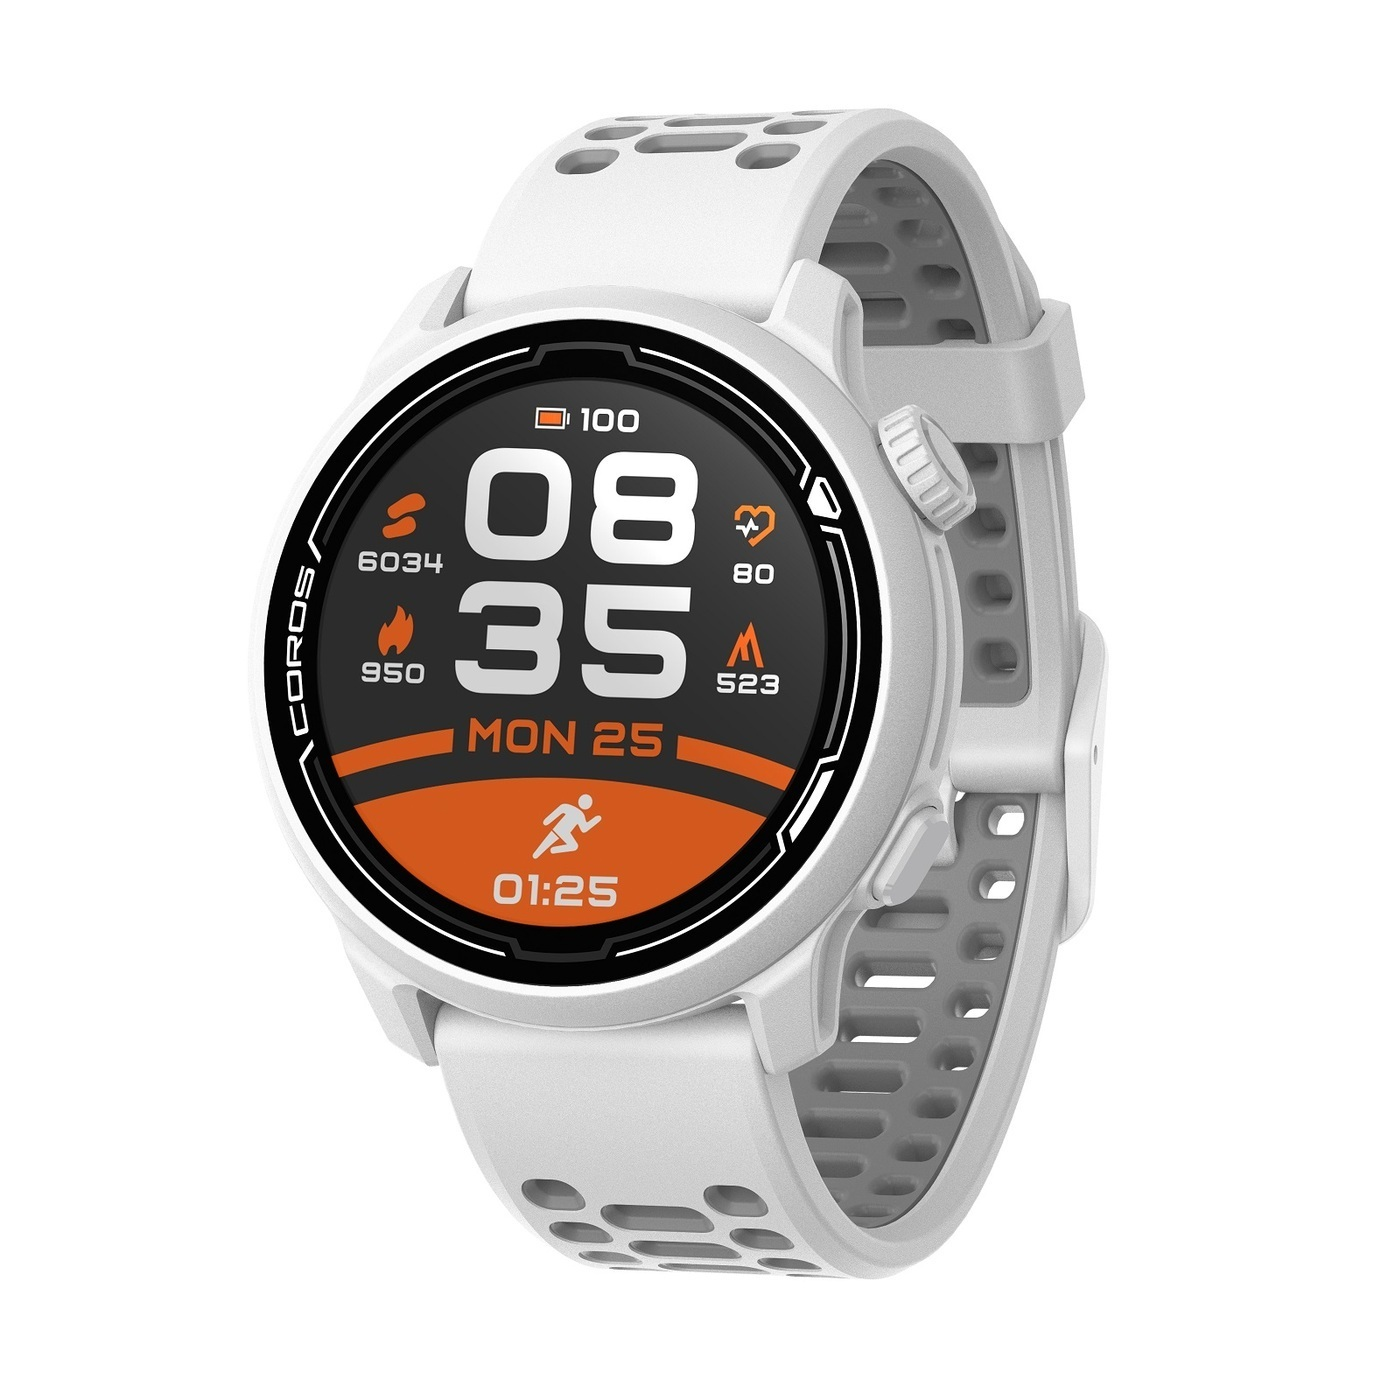 Спортивные часы COROS PACE 2, цвет белый